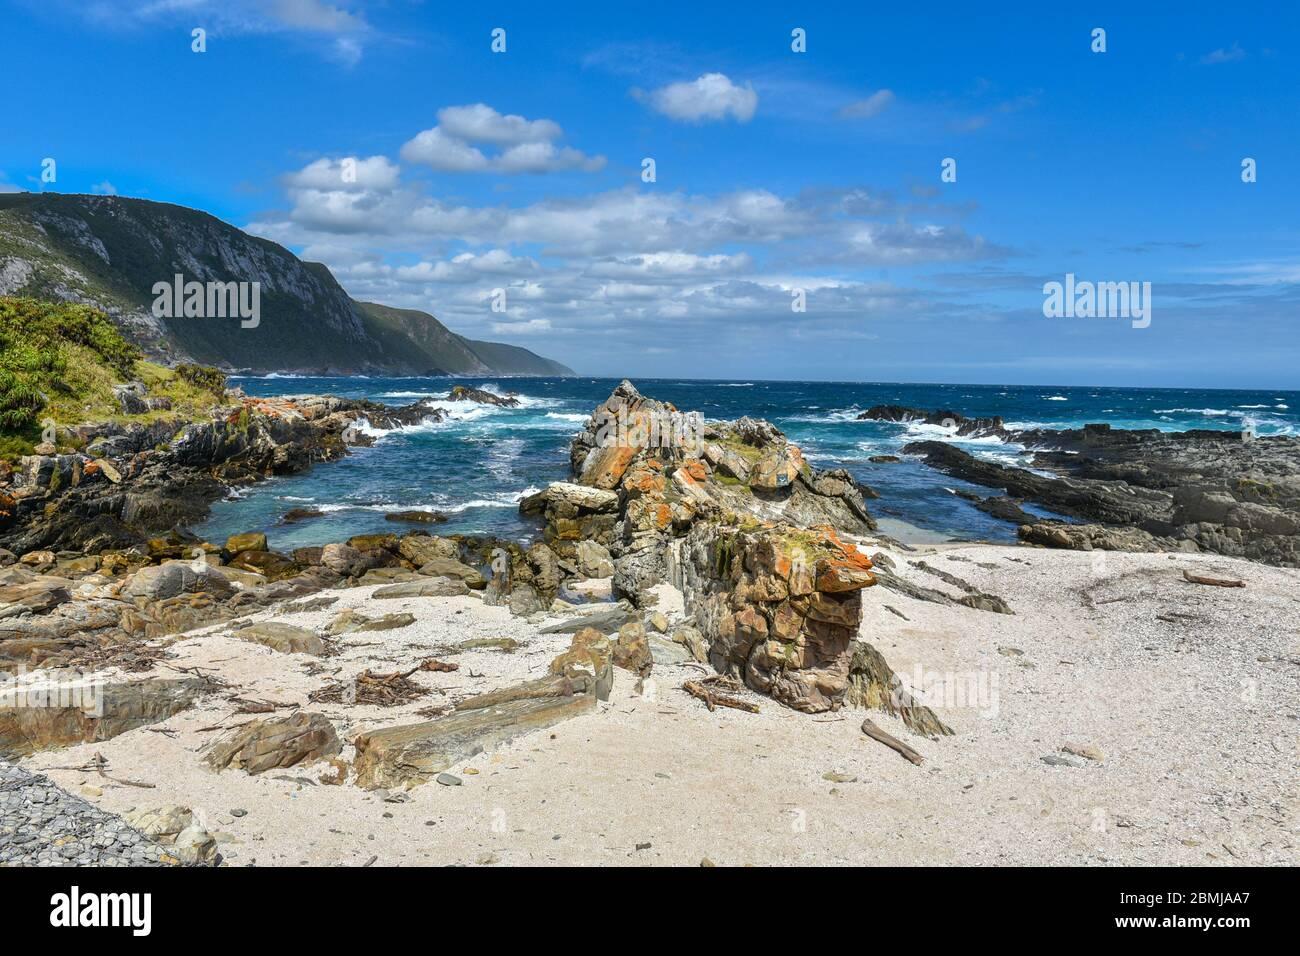 Parque Nacional Tsitsikamma (Garden Route), Garden Route, Sudáfrica Foto de stock